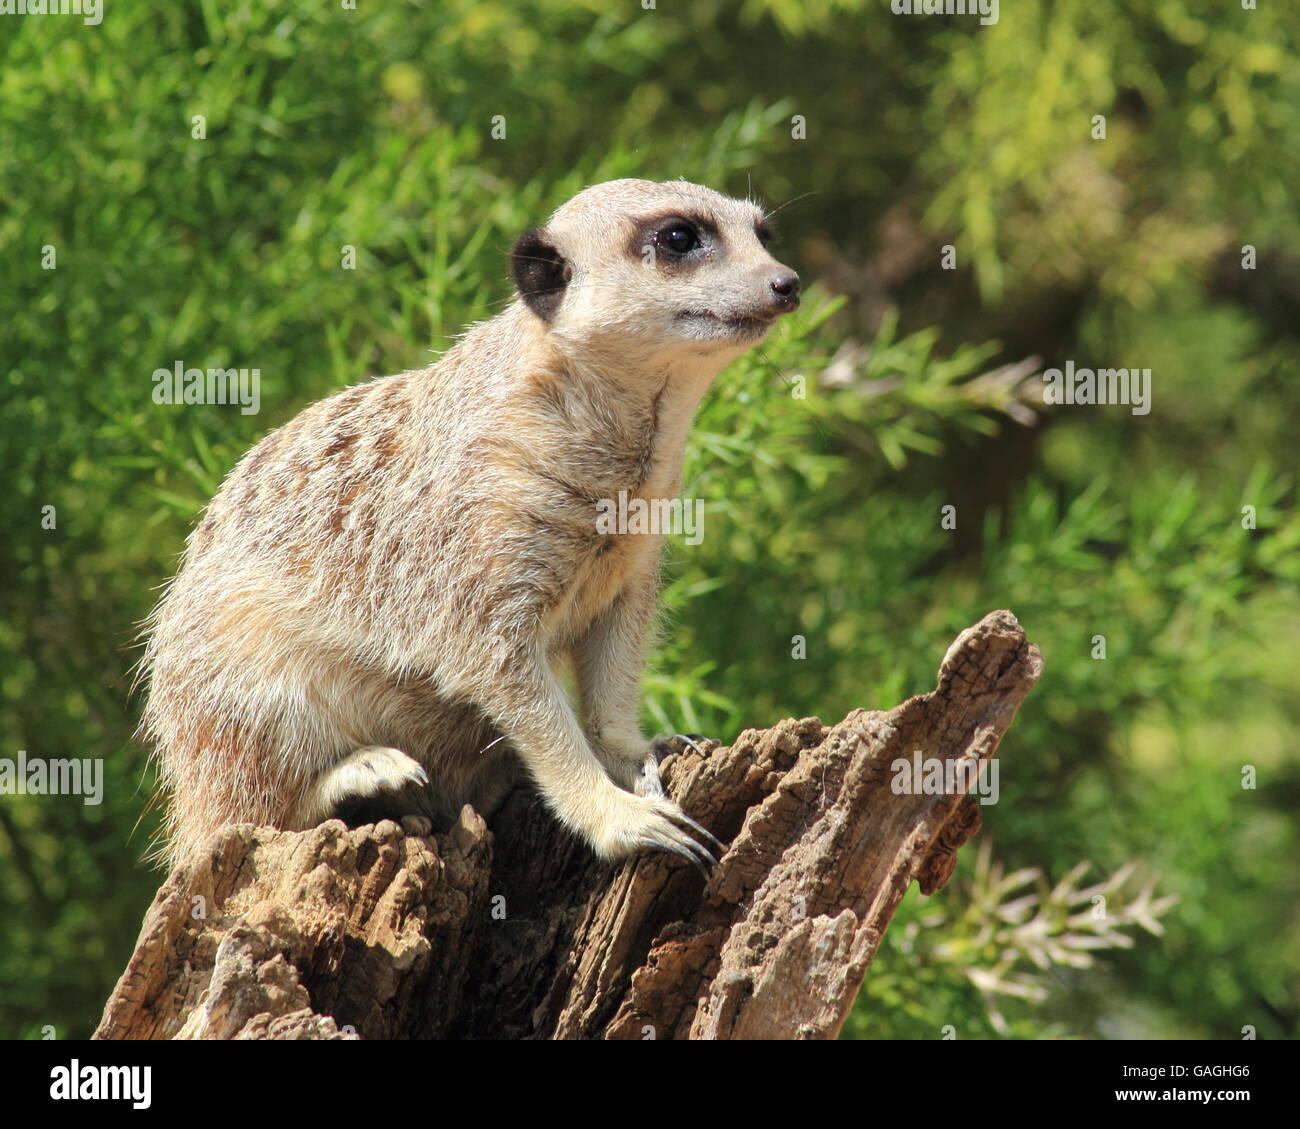 Suricata o en estado de alerta en el Cotswold Wildlife Park Imagen De Stock